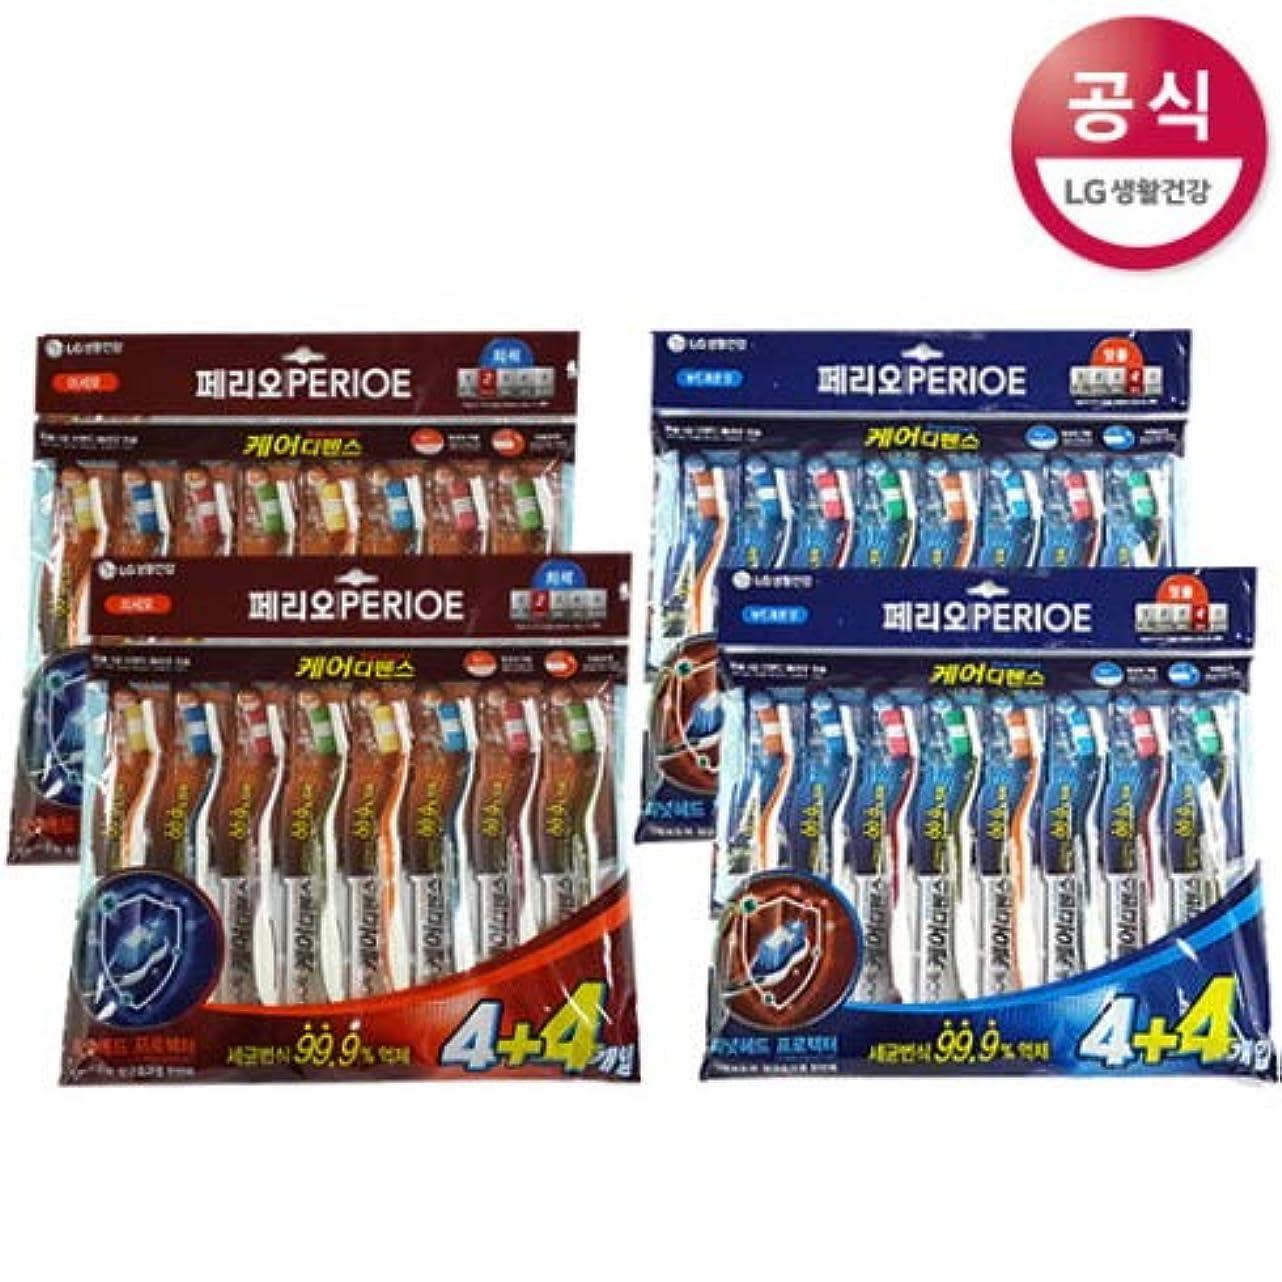 お酒スポット集団[LG HnB] Perio Care Defense Toothbrush/ペリオケアディフェンス歯ブラシ 8口x4個(海外直送品)